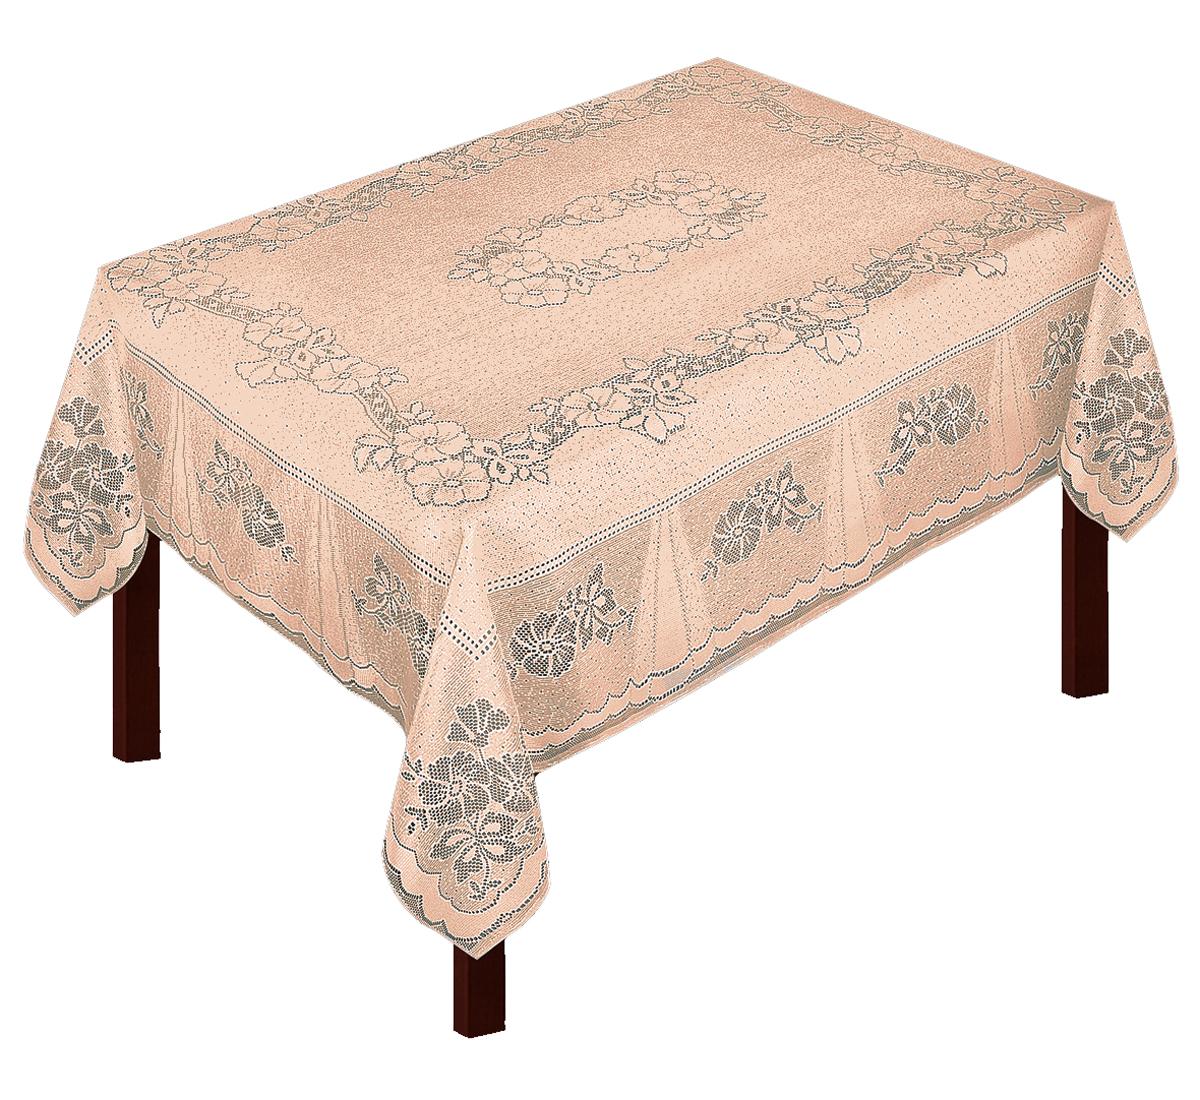 Скатерть Zlata Korunka, прямоугольная, цвет: бежевый, 175 х 150 см. 8003280032Великолепная скатерть Zlata Korunka, выполненная из полиэстера жаккардового переплетения, органично впишется в интерьер любого помещения, а оригинальный дизайн удовлетворит даже самый изысканный вкус. Изделие не скользит со стола, легко стирается и прослужит вам долгое время. Скатерть создаст праздничное настроение и станет прекрасным дополнением интерьера гостиной, кухни или столовой.